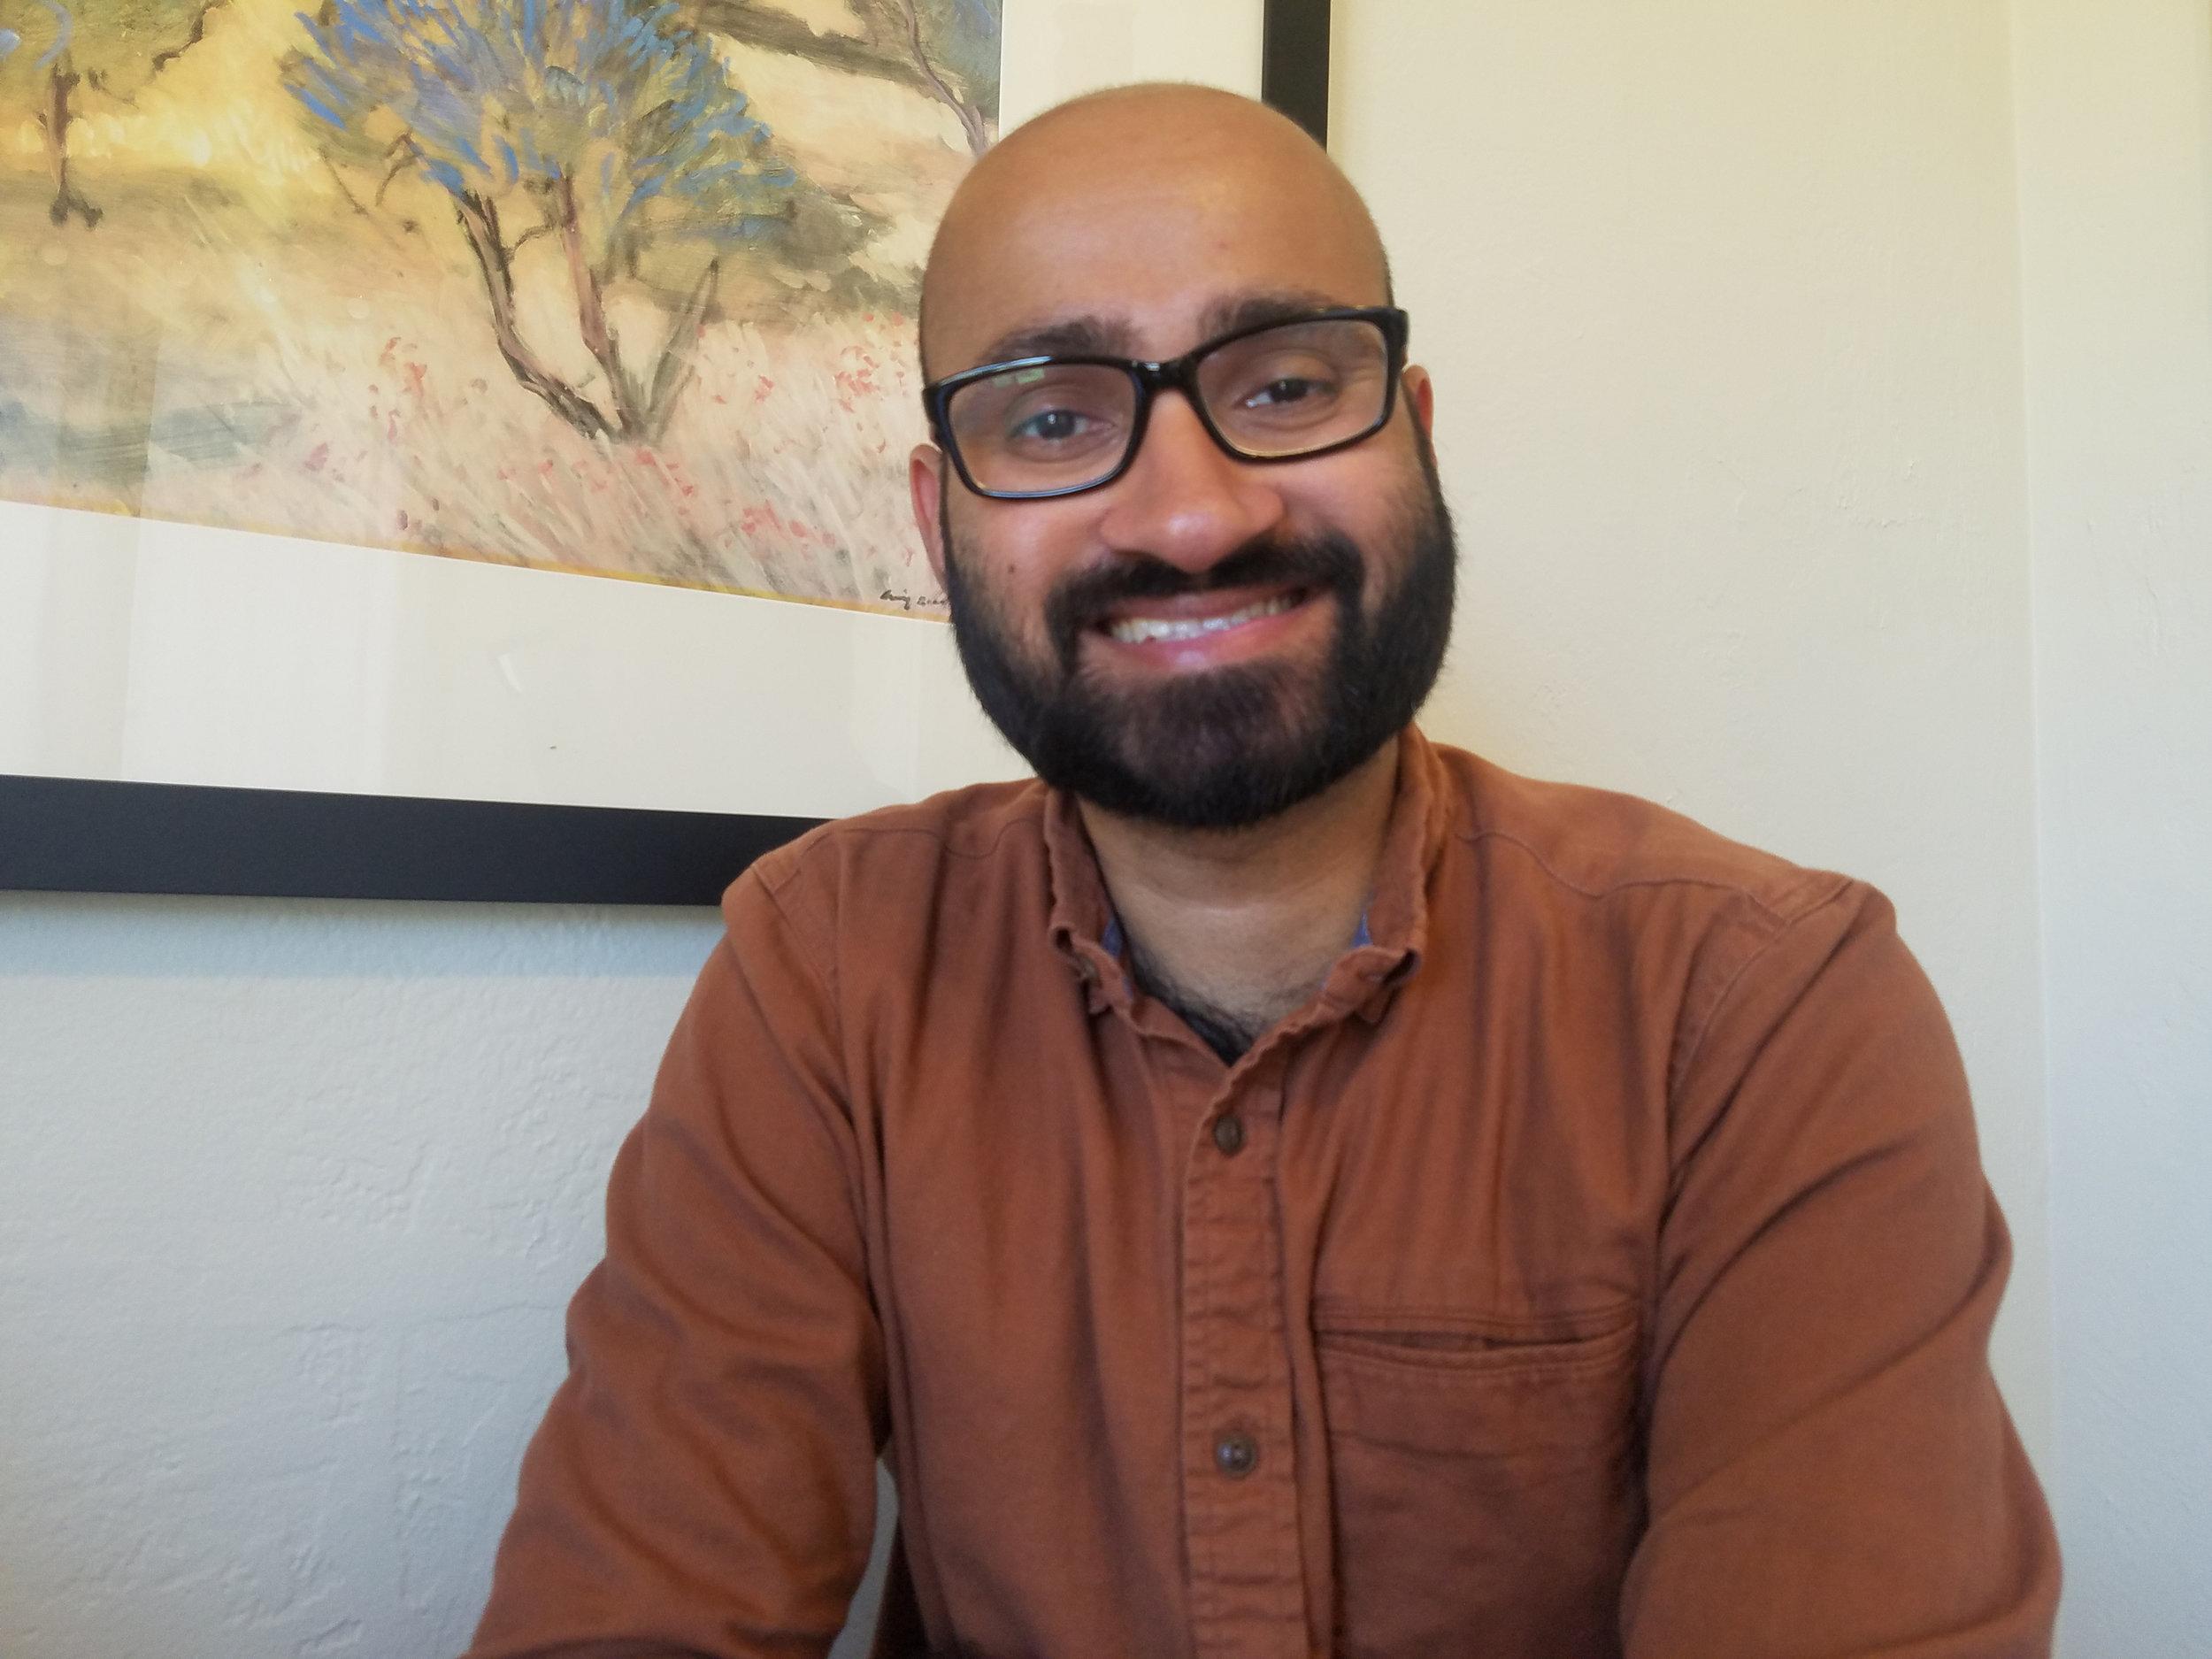 Anand Vedawala